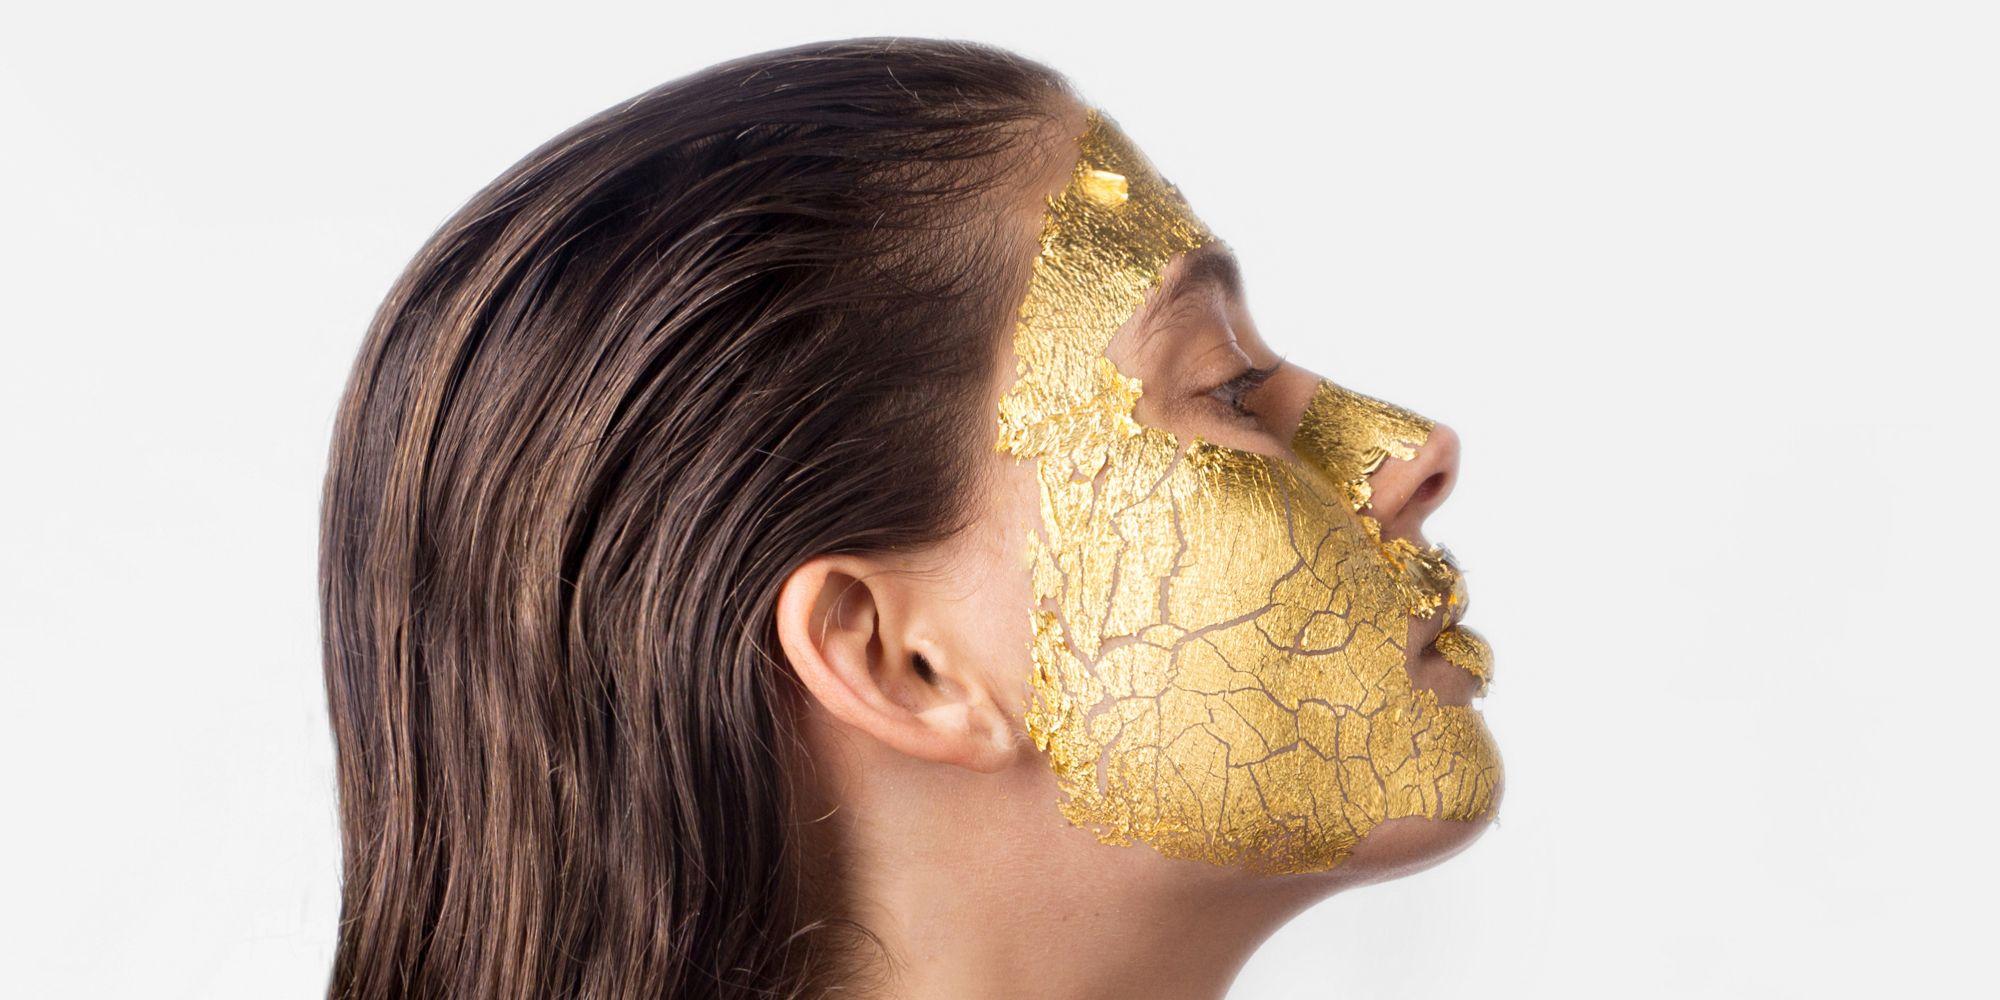 8 Best 24 Karat Gold Masks To Use In 2018 24k Face Antam 2 Gram